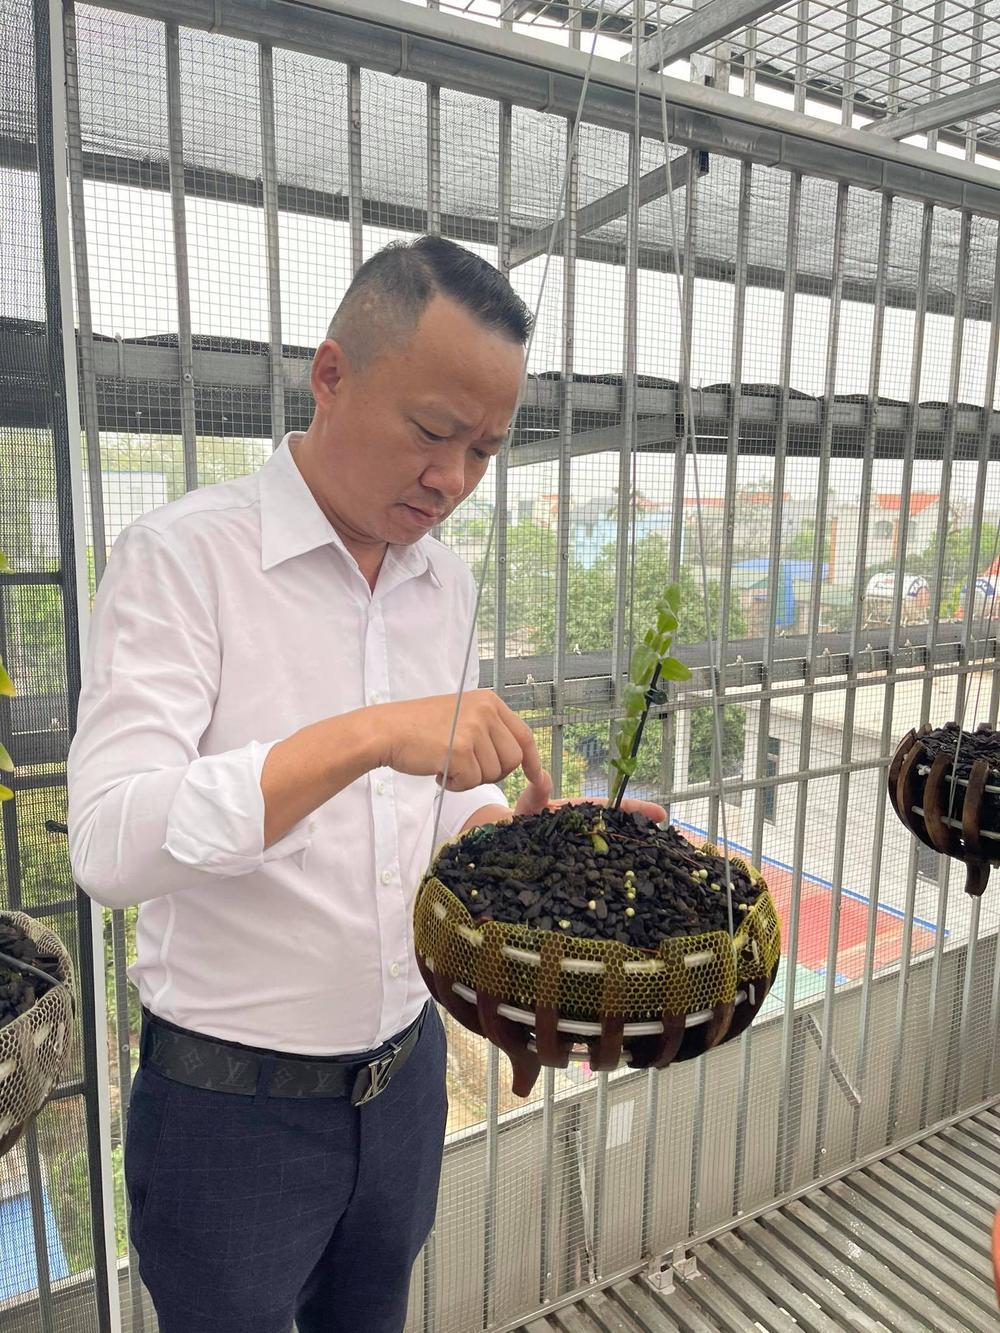 Ông chủ vườn lan Mạnh Quỳnh - Người chơi hoa lan bắt đầu từ sự… thờ ơ Ảnh 4